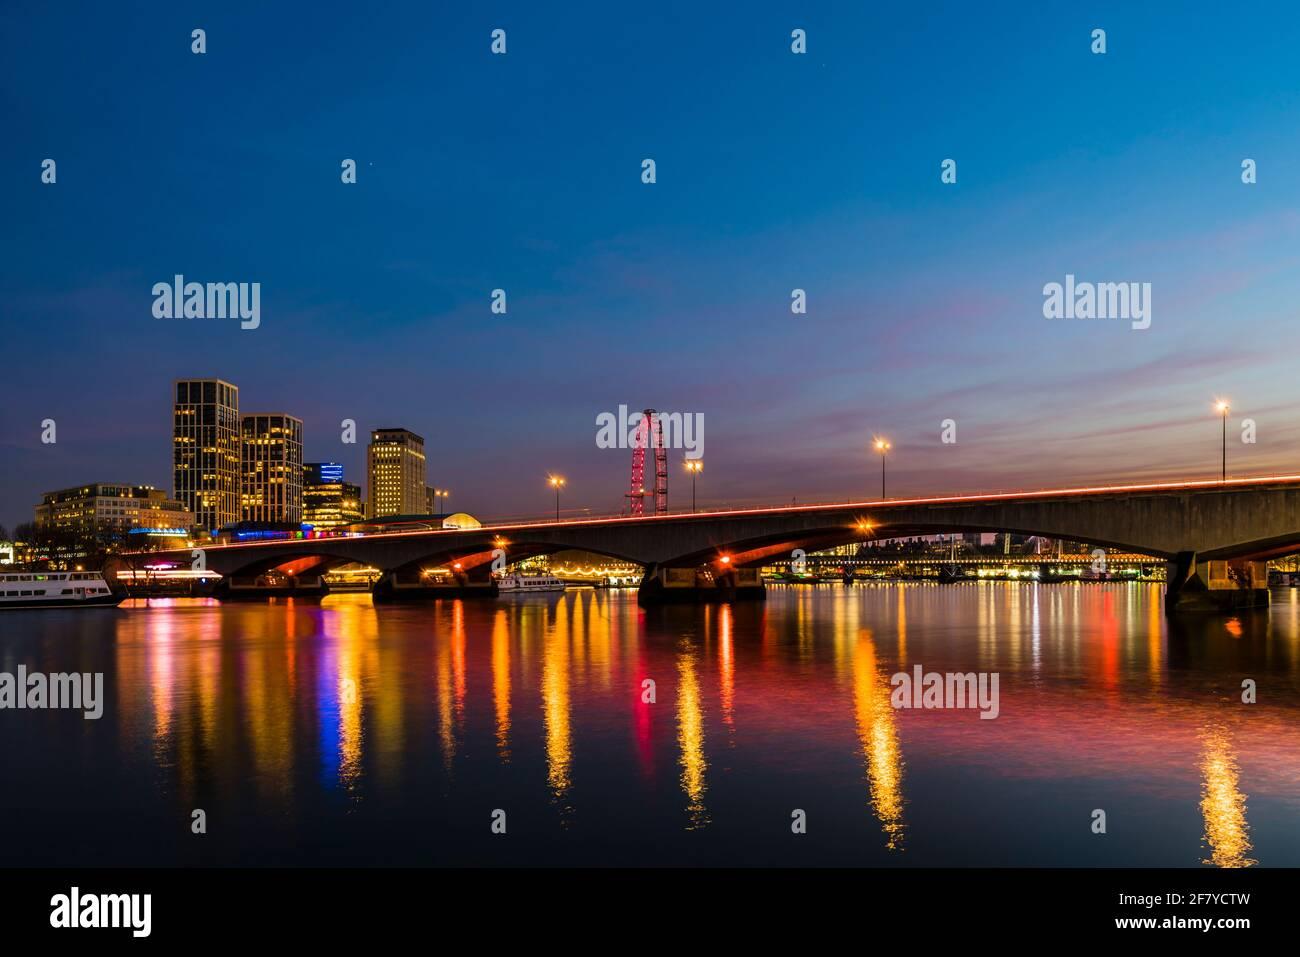 Vista de las luces de la tarde en el puente Waterloo sobre el río Támesis, Londres, Reino Unido Foto de stock